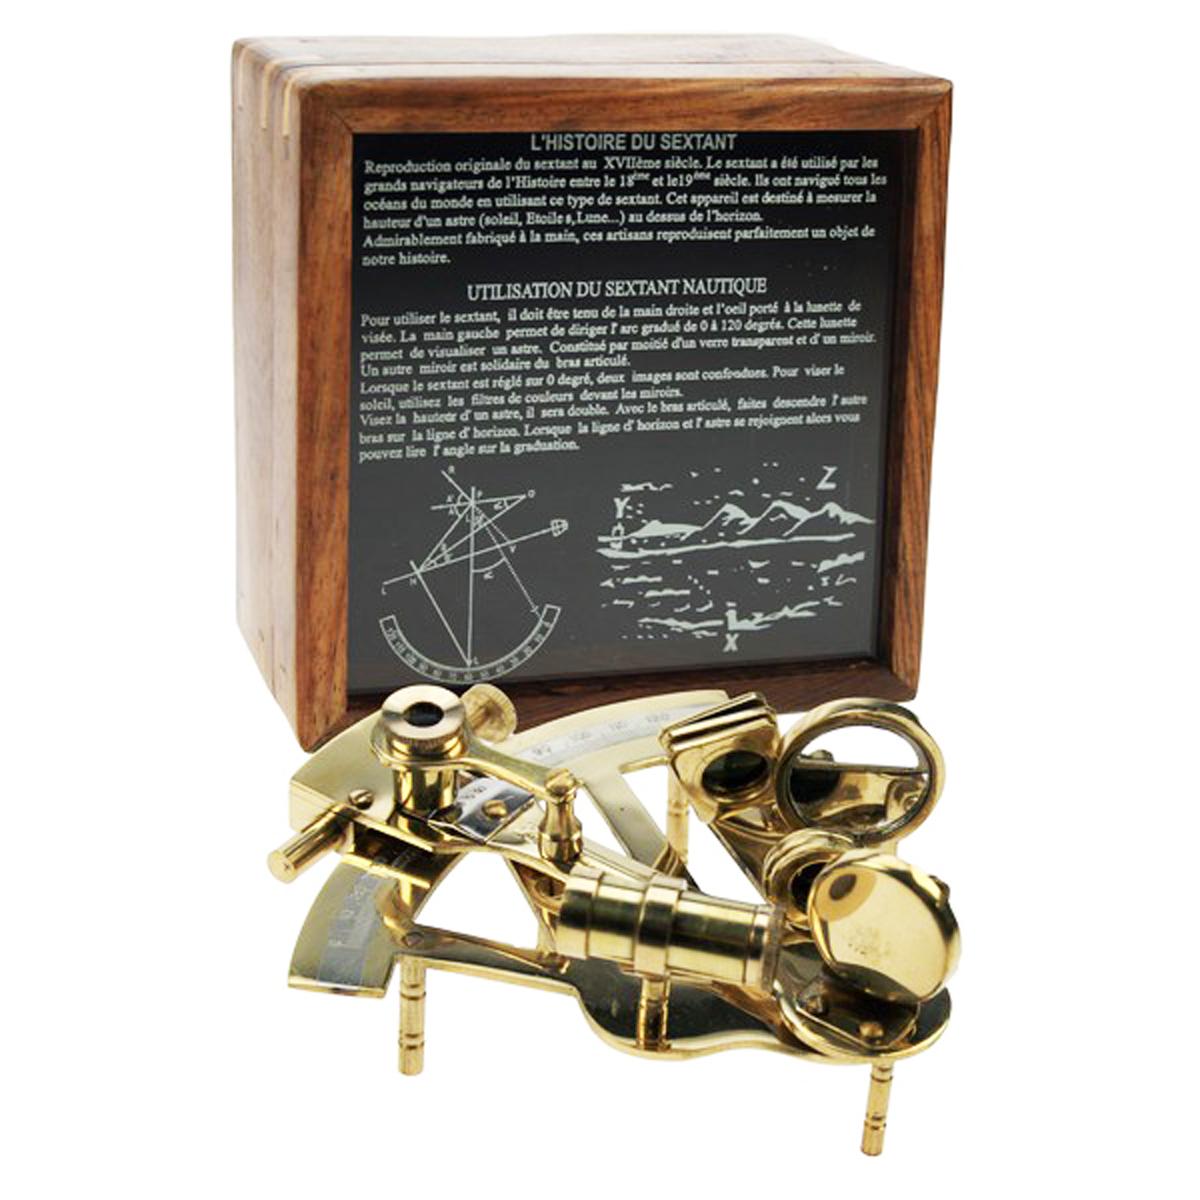 Reproduction \'Sextant\' doré dans boite bois - 15x16x9 cm - [Q8251]